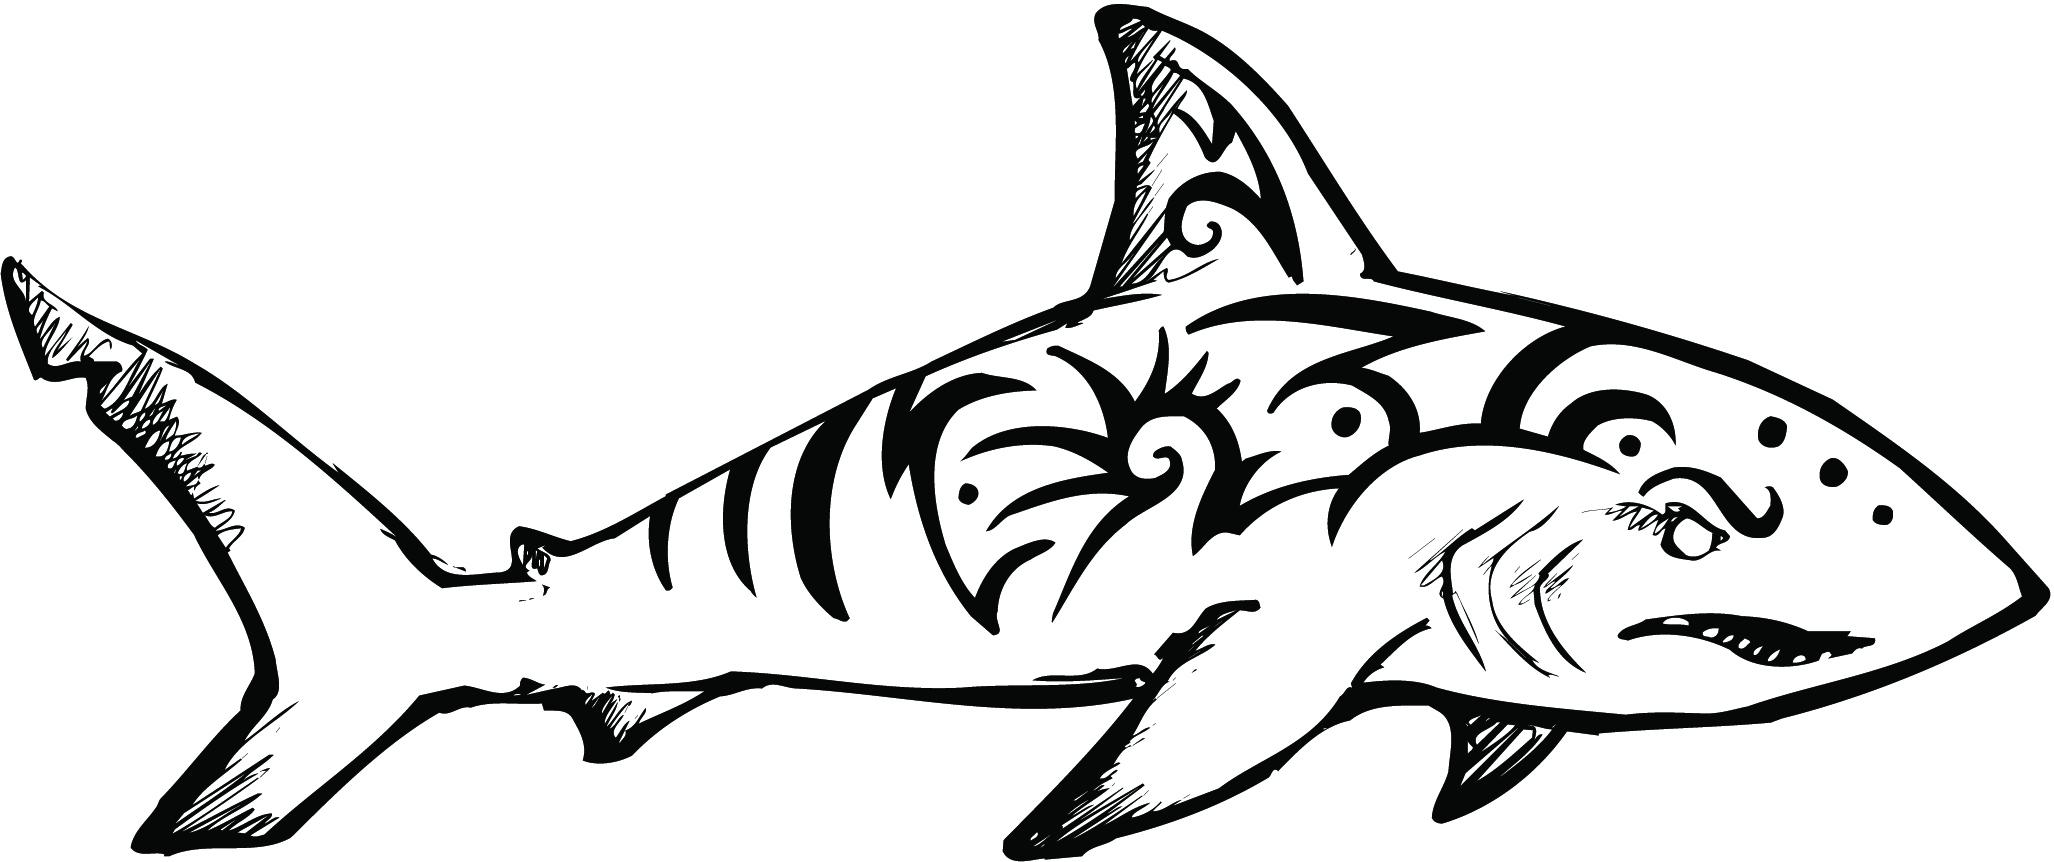 Line Art Shark : Shark line drawing clipart best